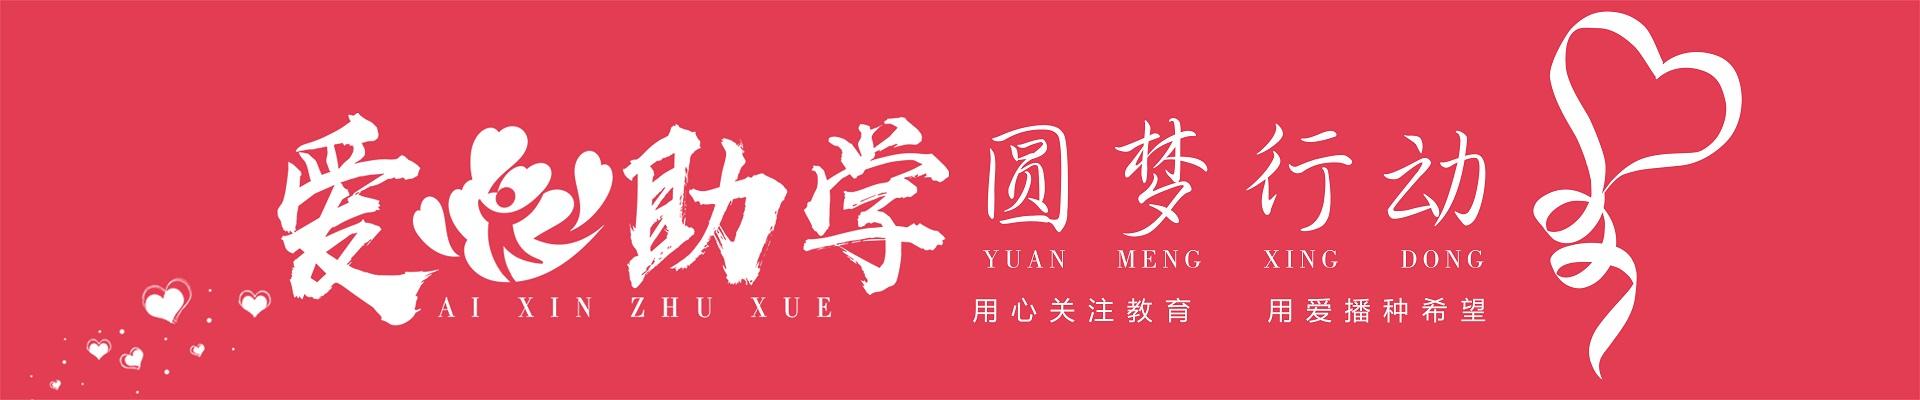 江西师范大学教育发展基金会